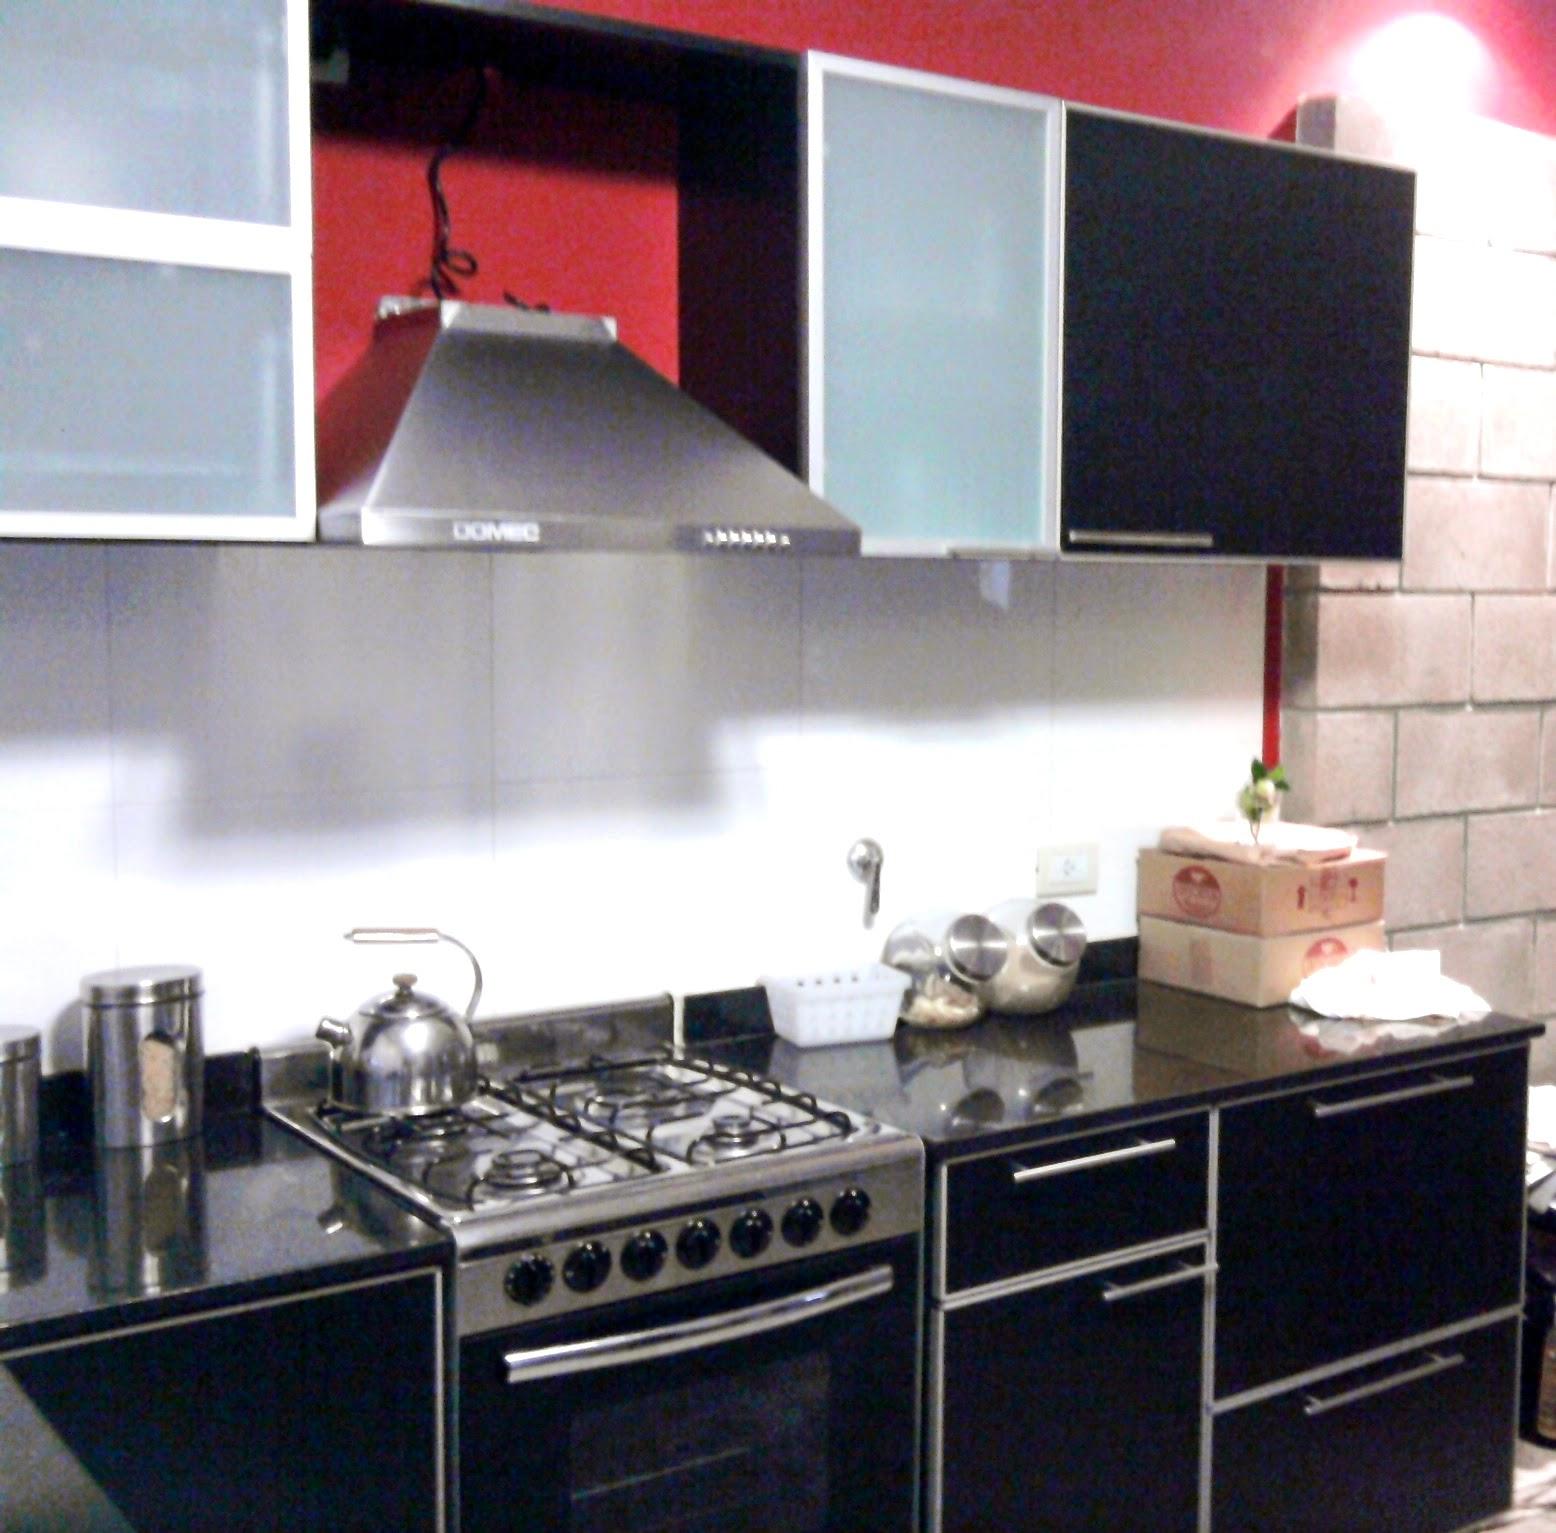 Amoblamientos tientta amoblamientos de cocina modernos for Amoblamientos modernos